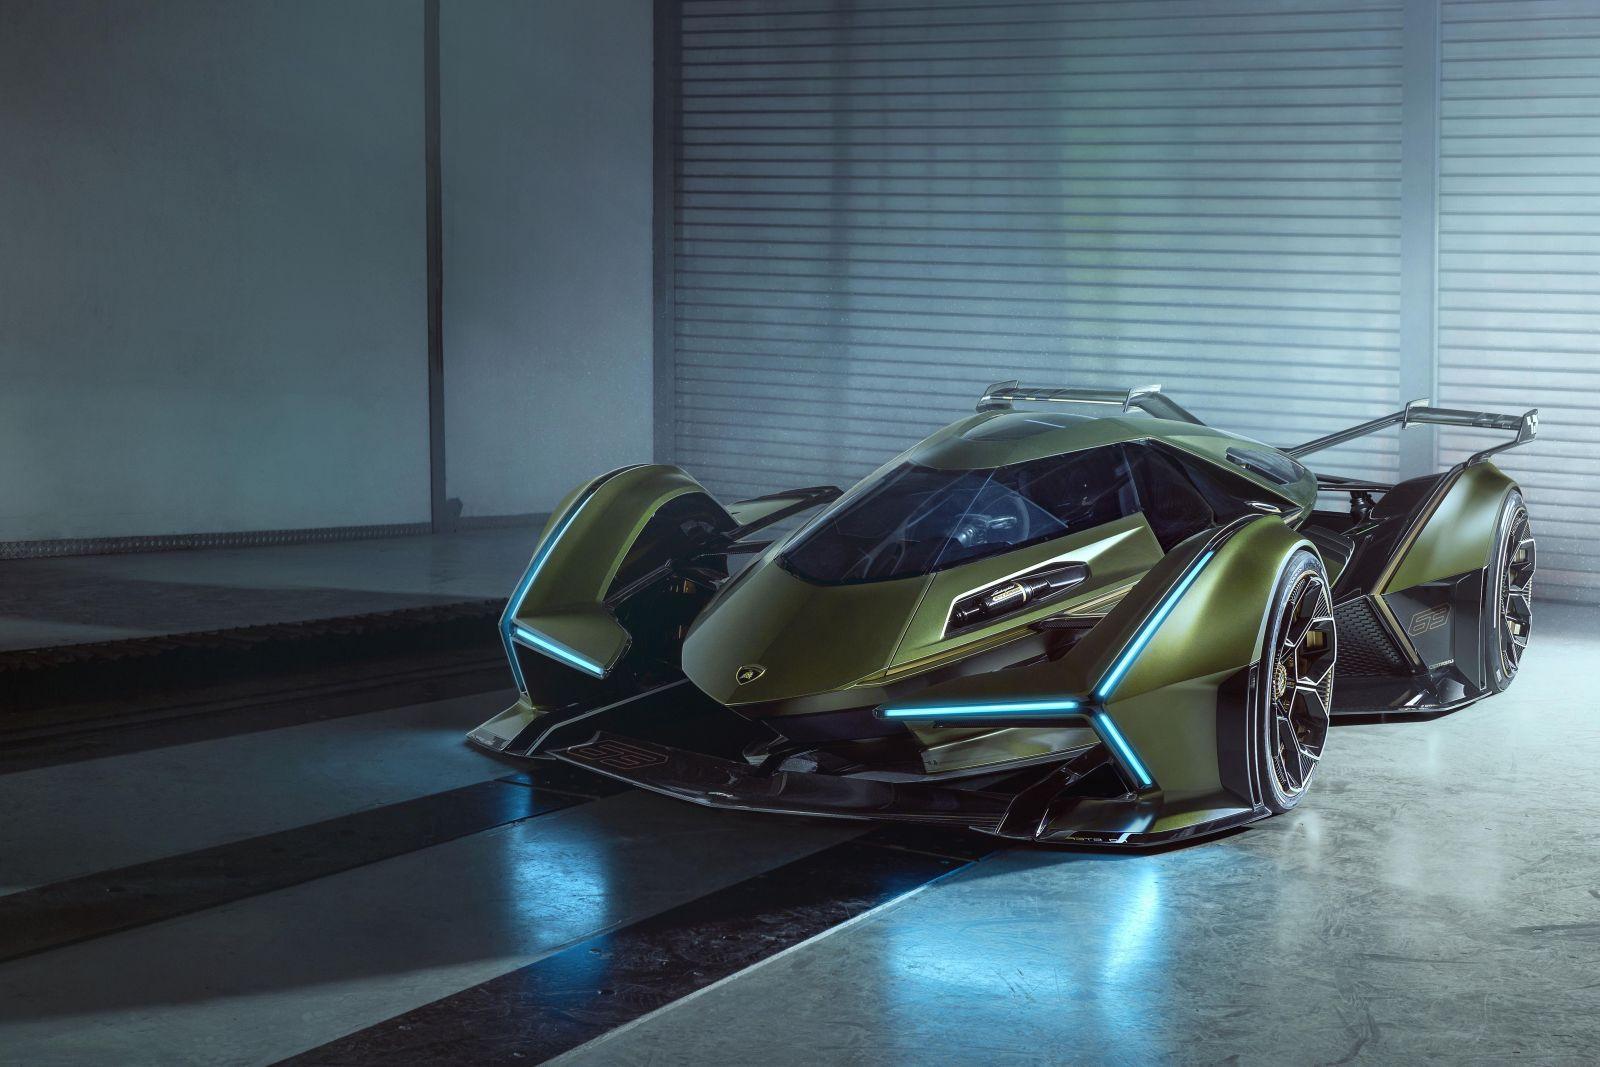 Lamborghini prináša vyše 800-koňový hyperšport, ktorý budeš môcť prevetrať aj ty